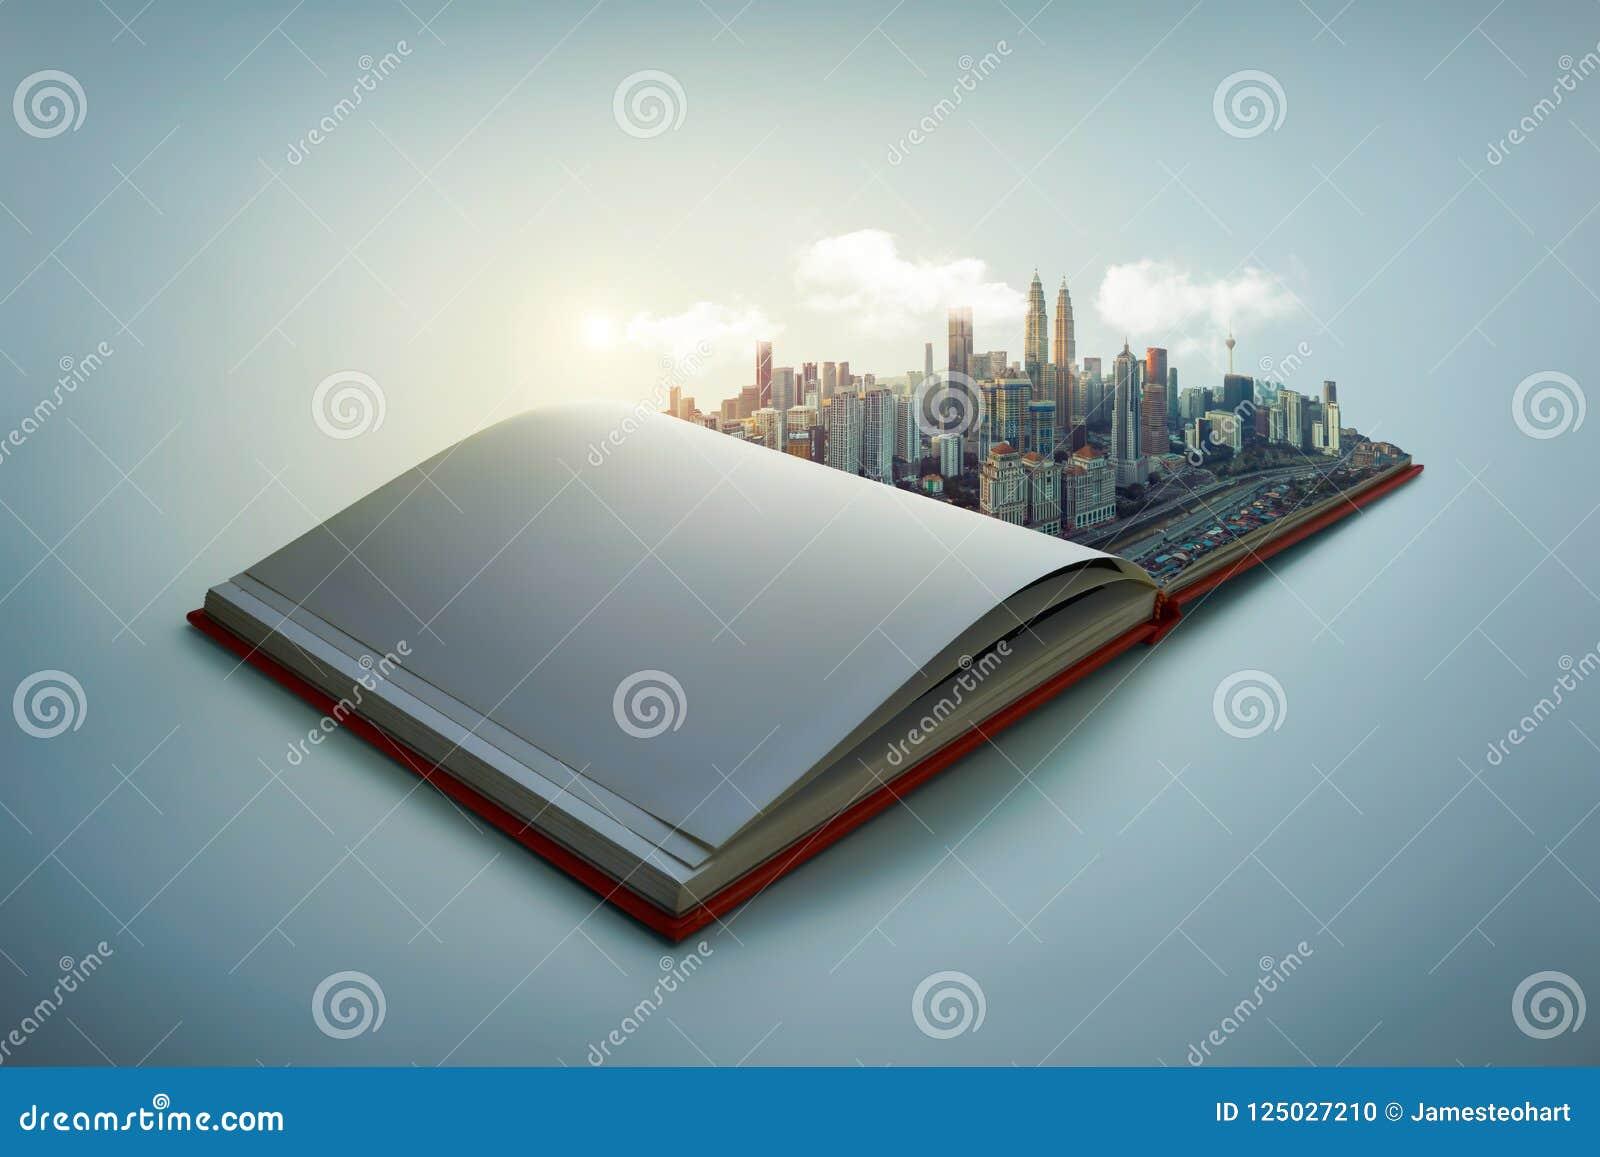 El horizonte moderno de la ciudad surge en las páginas abiertas del libro